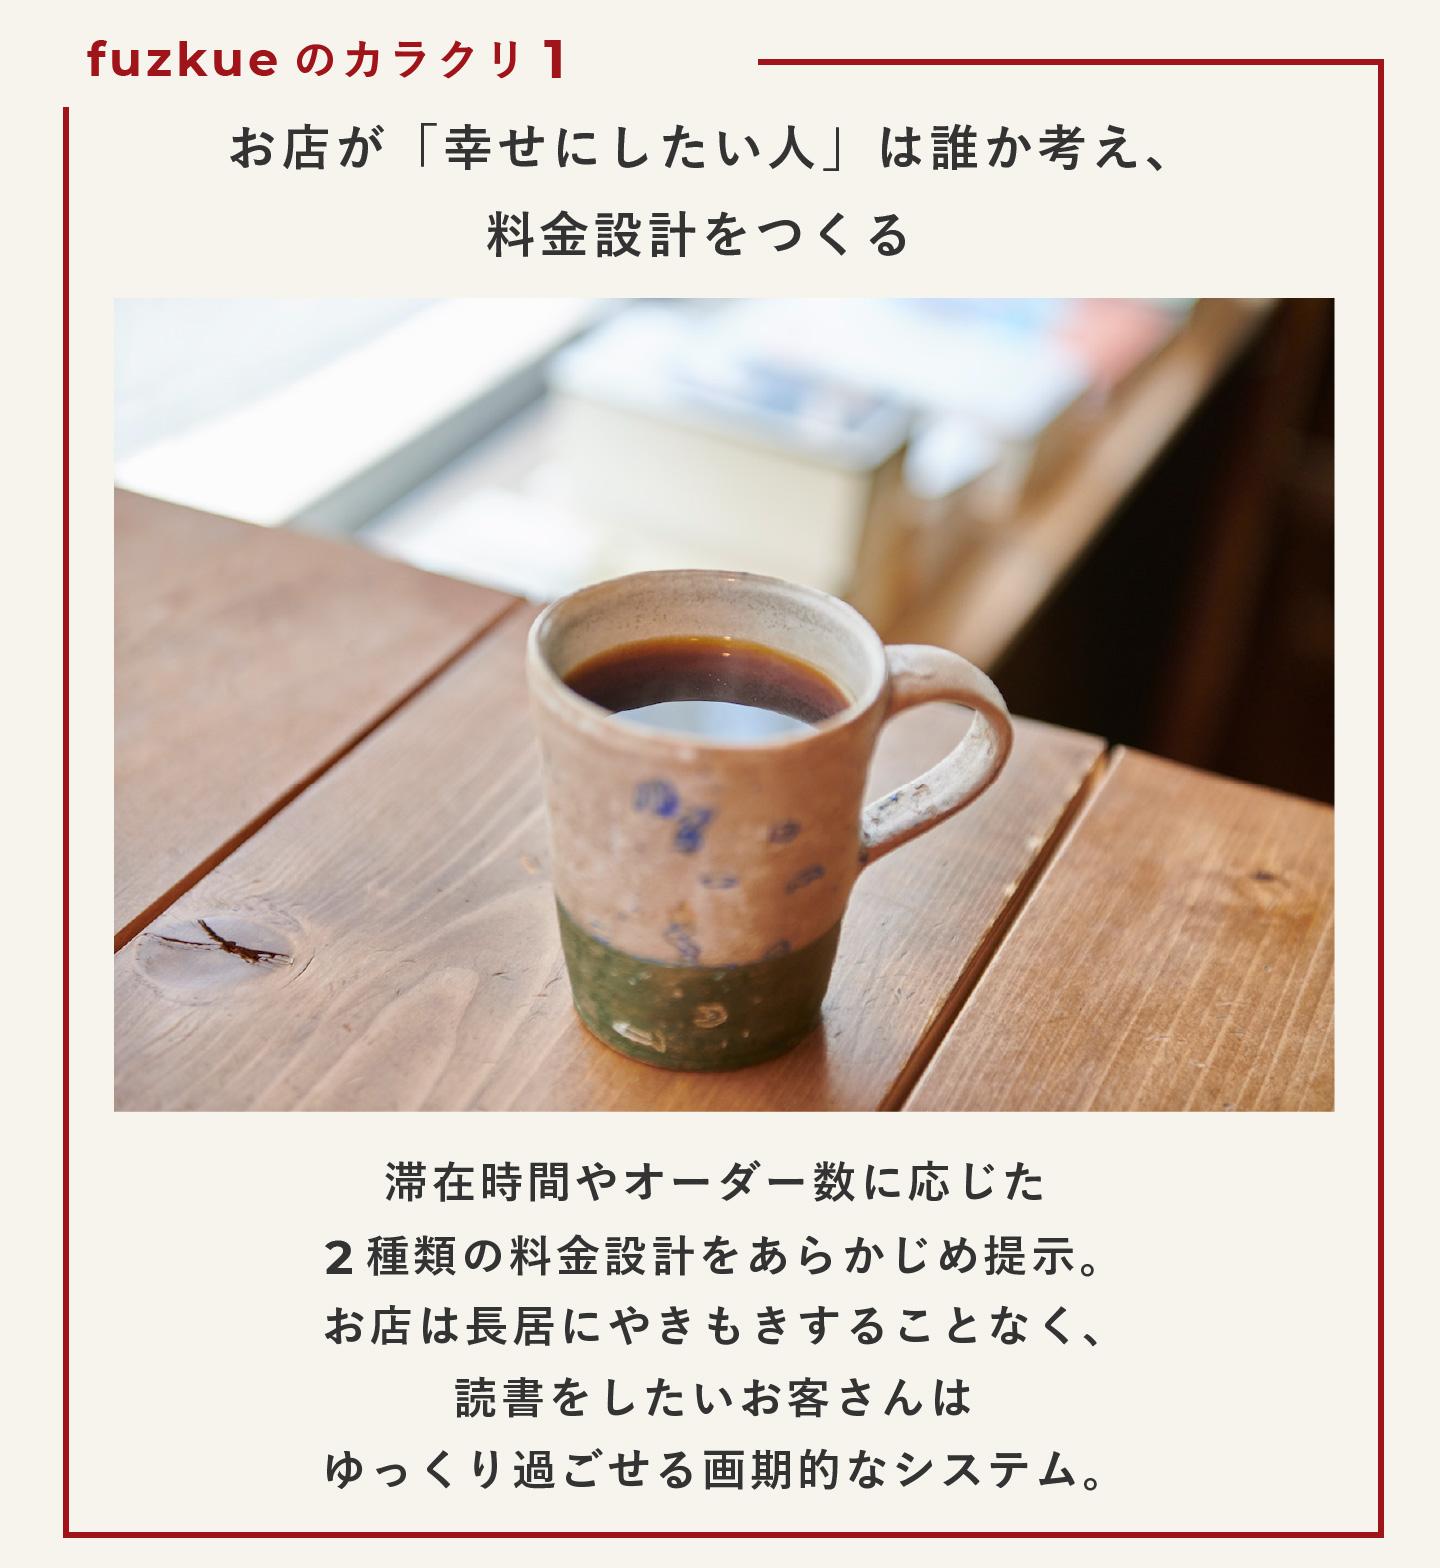 『本の読める店 fuzkue』のカラクリ1:お店が「幸せにしたい人」は誰か考え、料金設計をつくる